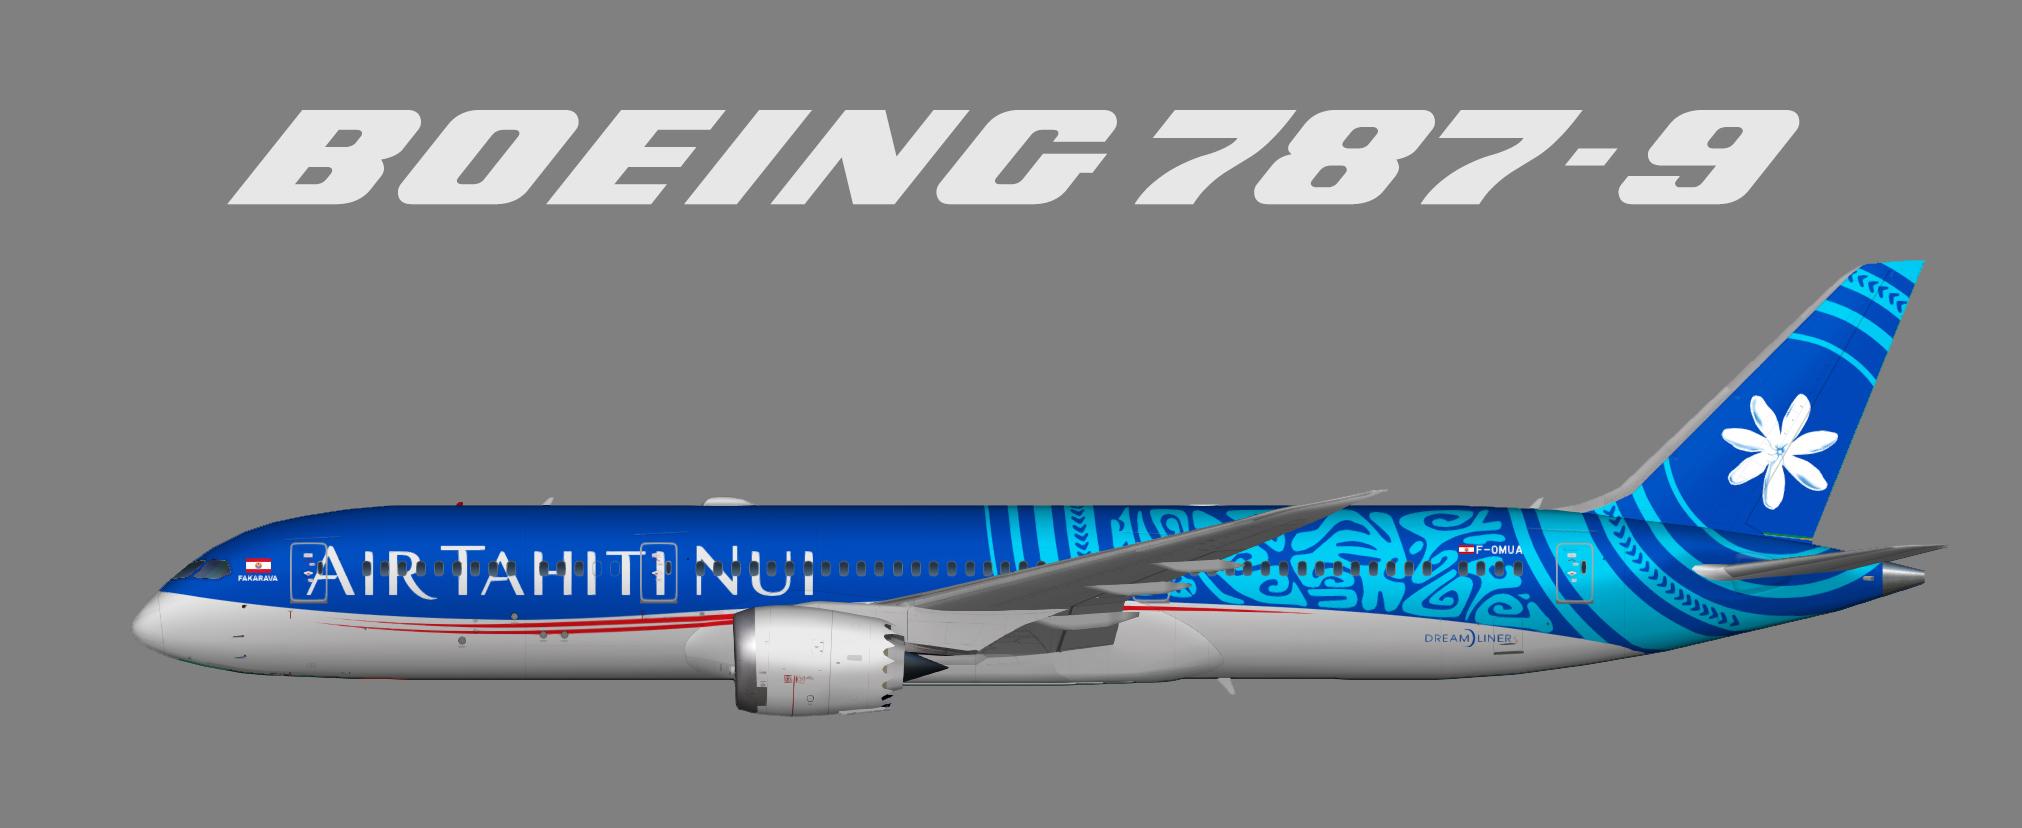 Air Tahiti Nui – Juergen's paint hangar